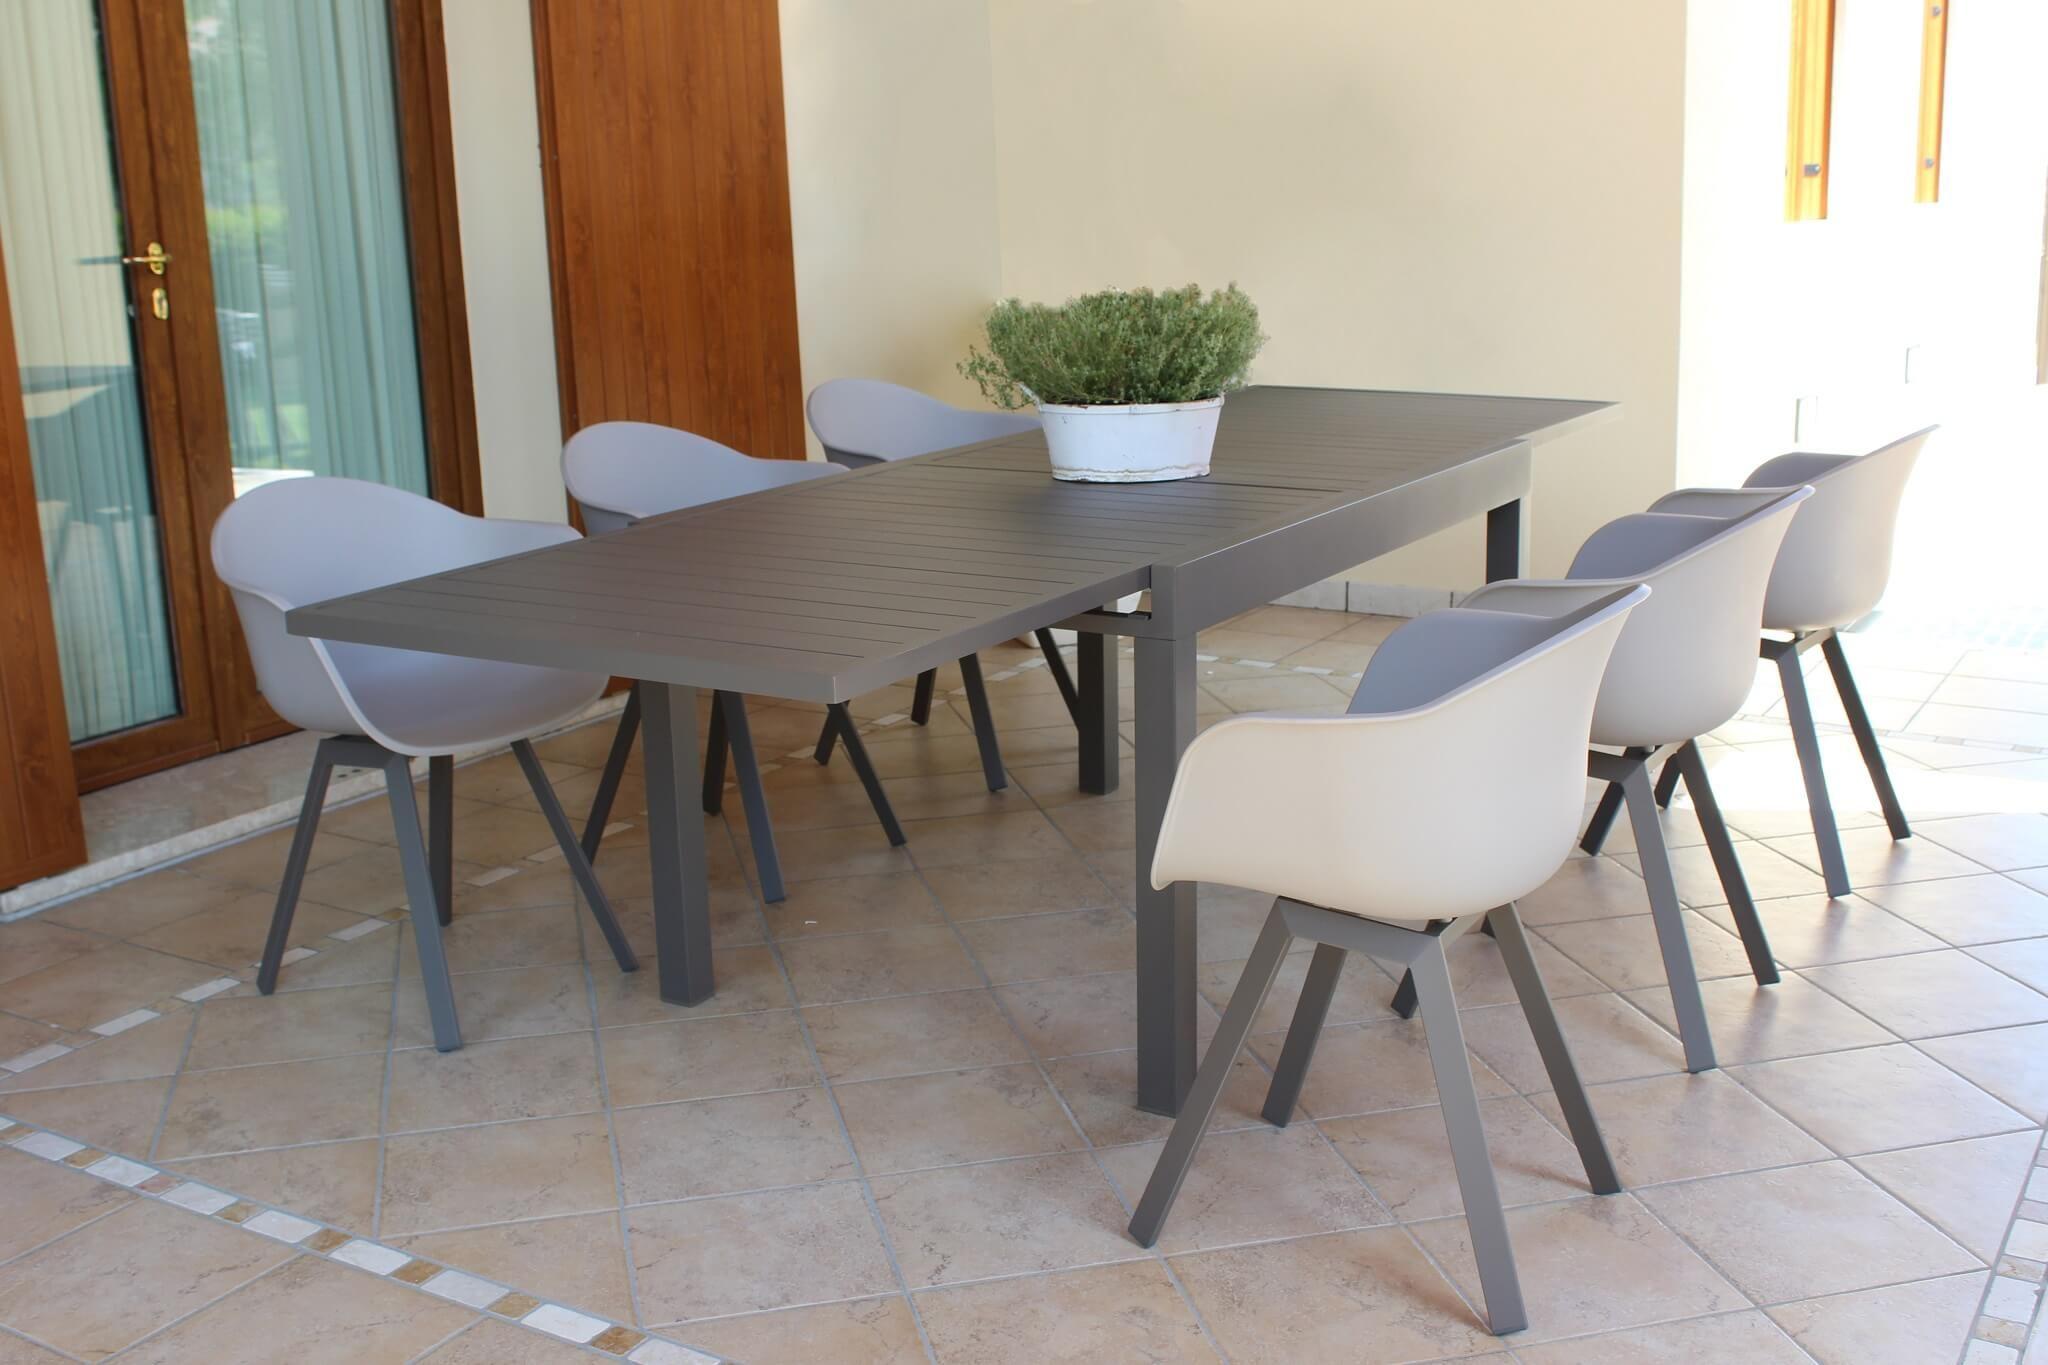 L'elemento essenziale per arredare il giardino: tavolo alluminio